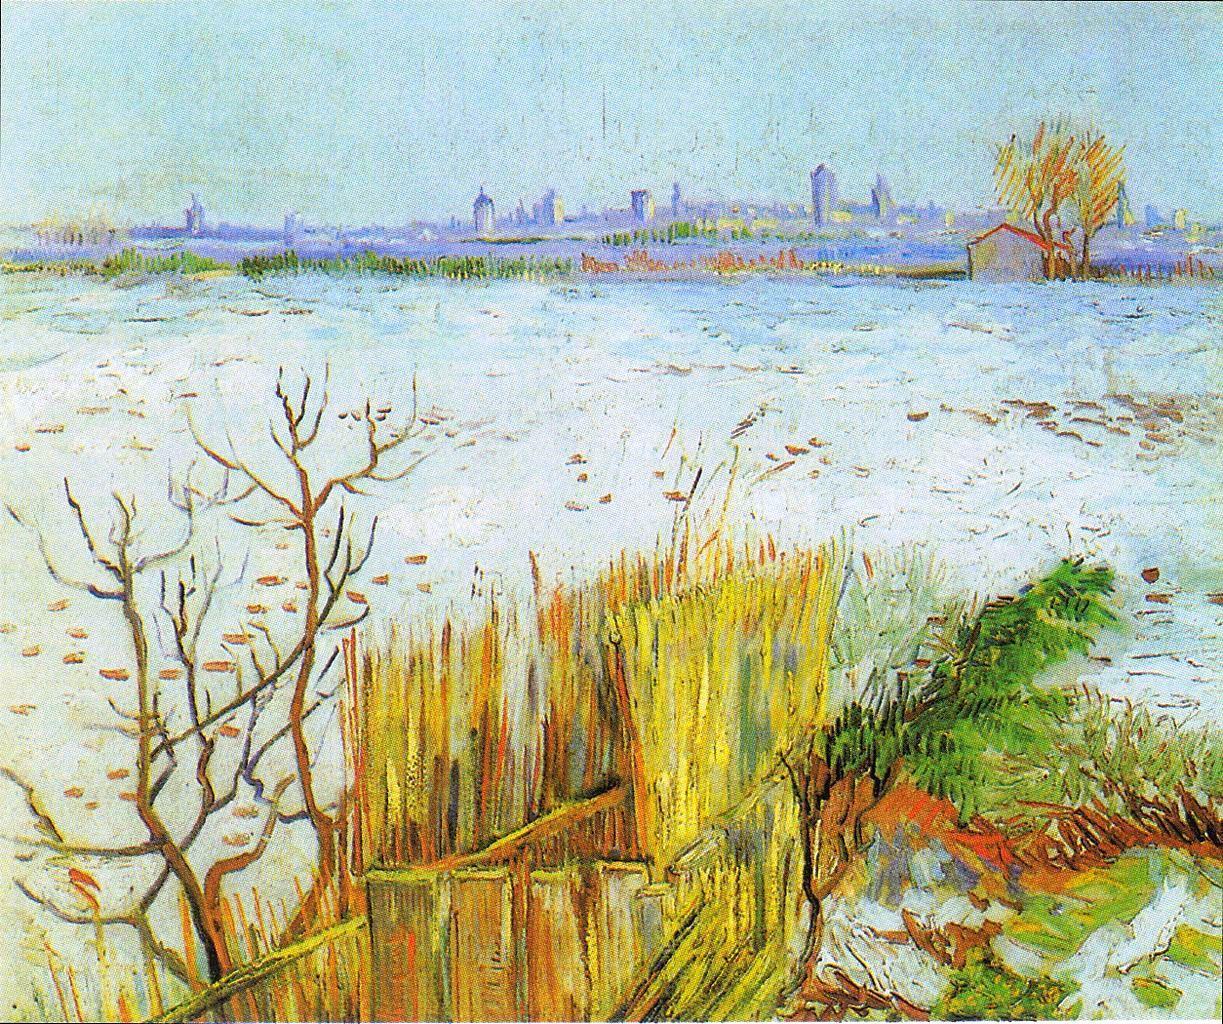 风景油画_以阿尔勒为背景的雪景_Snowy Landscape with Arles in the Background-文森特·梵高